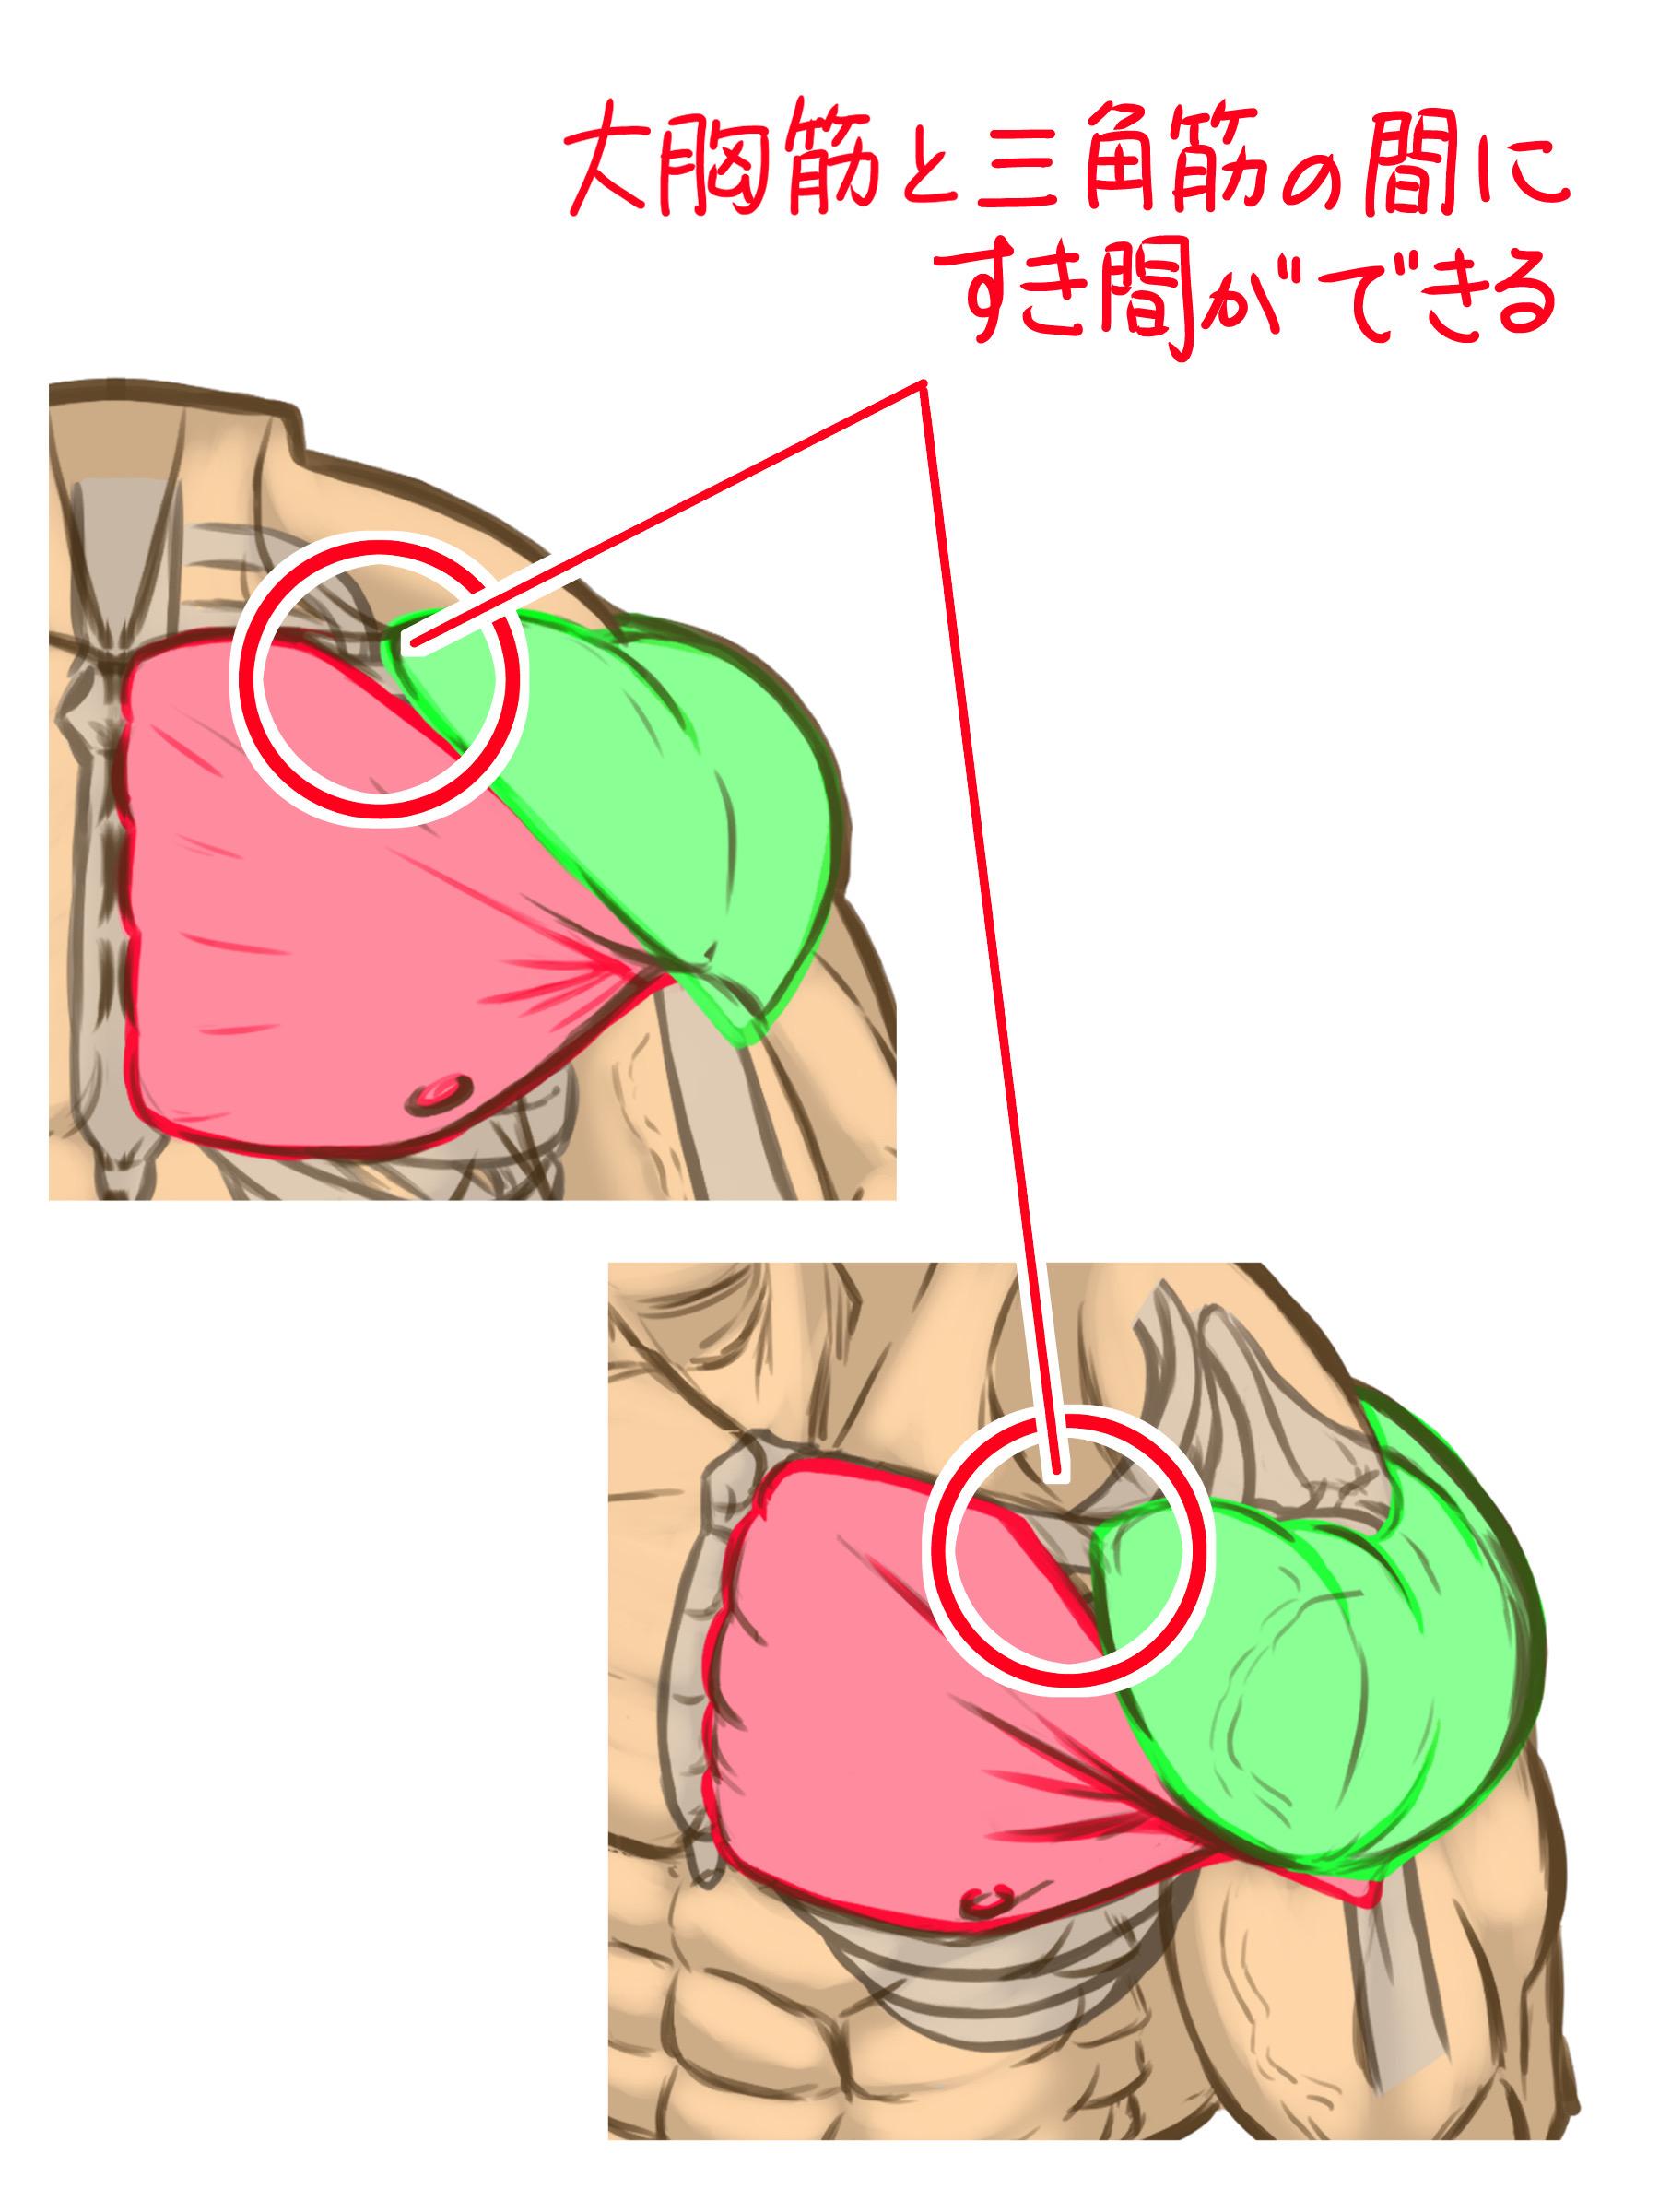 また大胸筋と三角筋の間に隙間があり、少しくぼみができるのもポイント。そこも意識して描くとよりリアルに見えます。